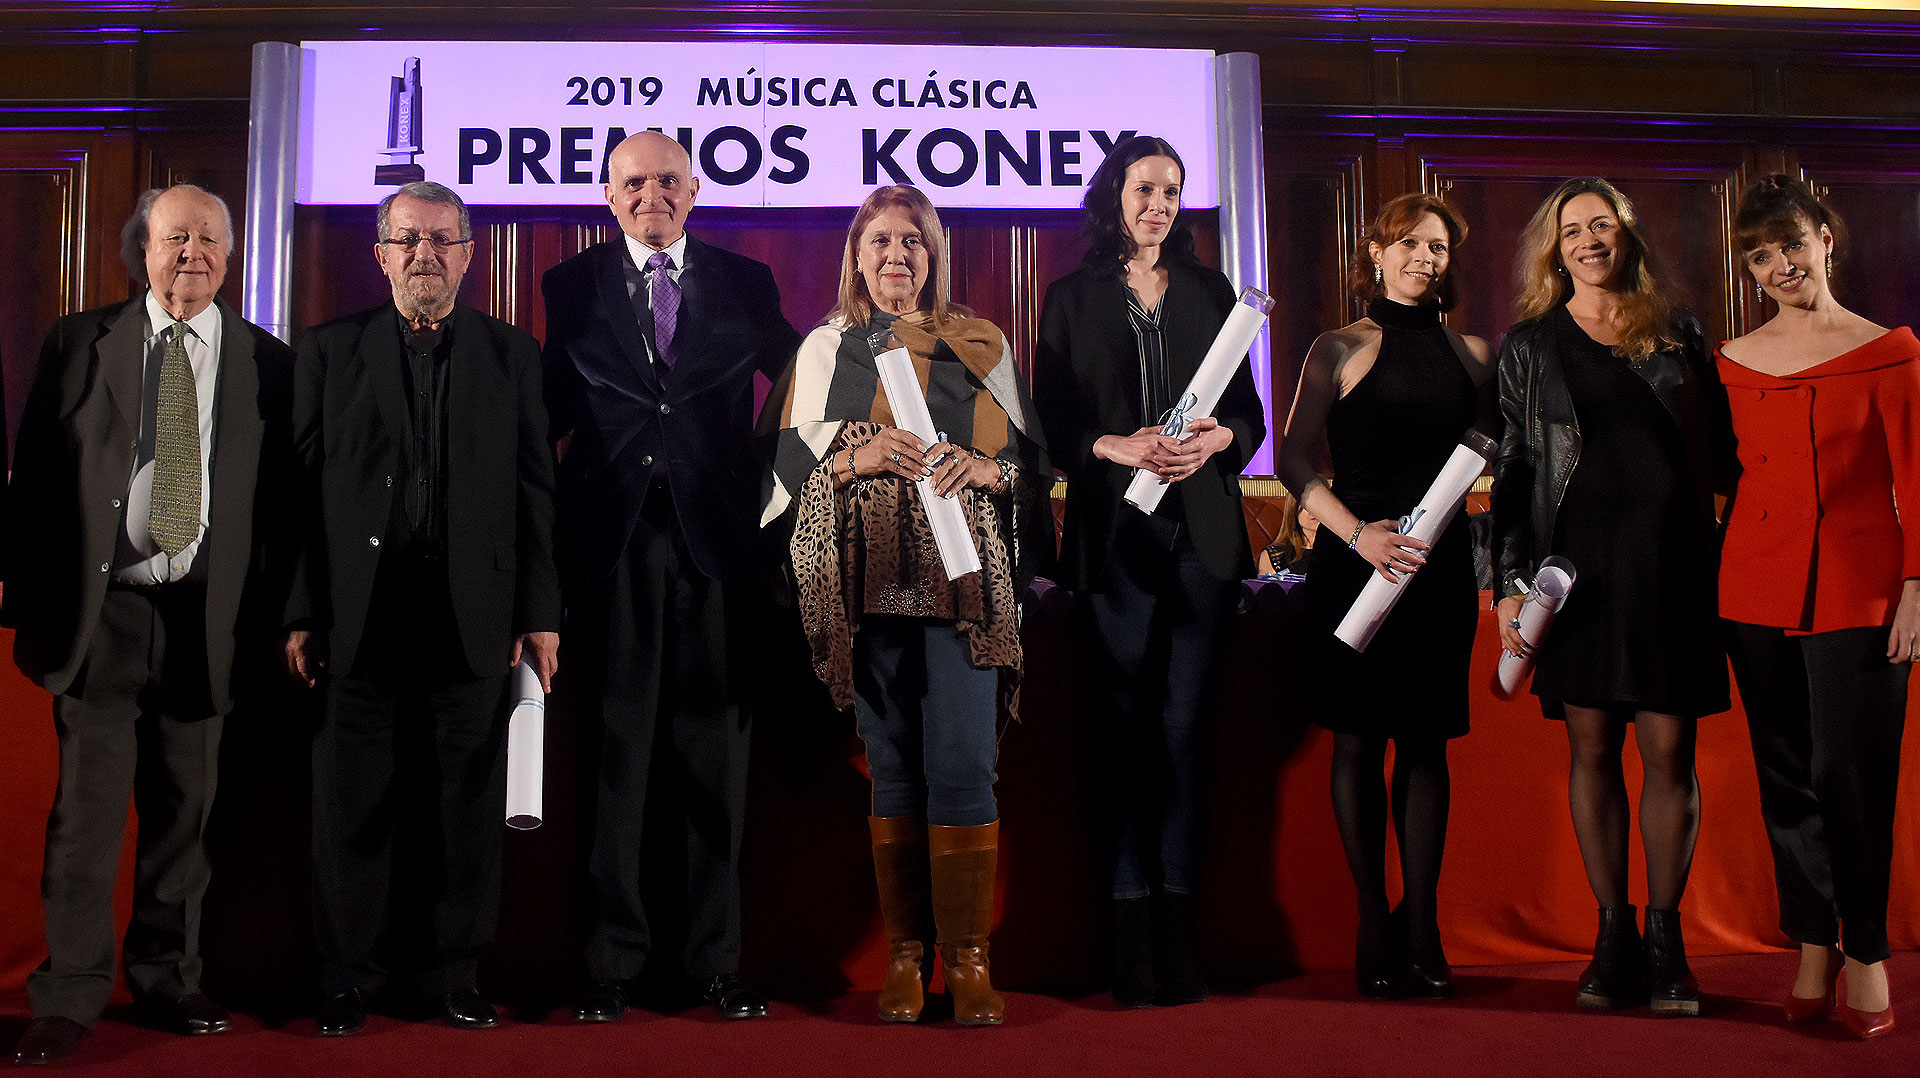 Por el premio Konex en bailarina, en representación de Marianela Nuñez su padre Norberto, su mamá Helena y su sobrino Hernán, en representación de Ludmila Pagliero Paula Cassano, por Luciana Paris su padre Jorge, Julieta Paul Kler y Sol Rourich